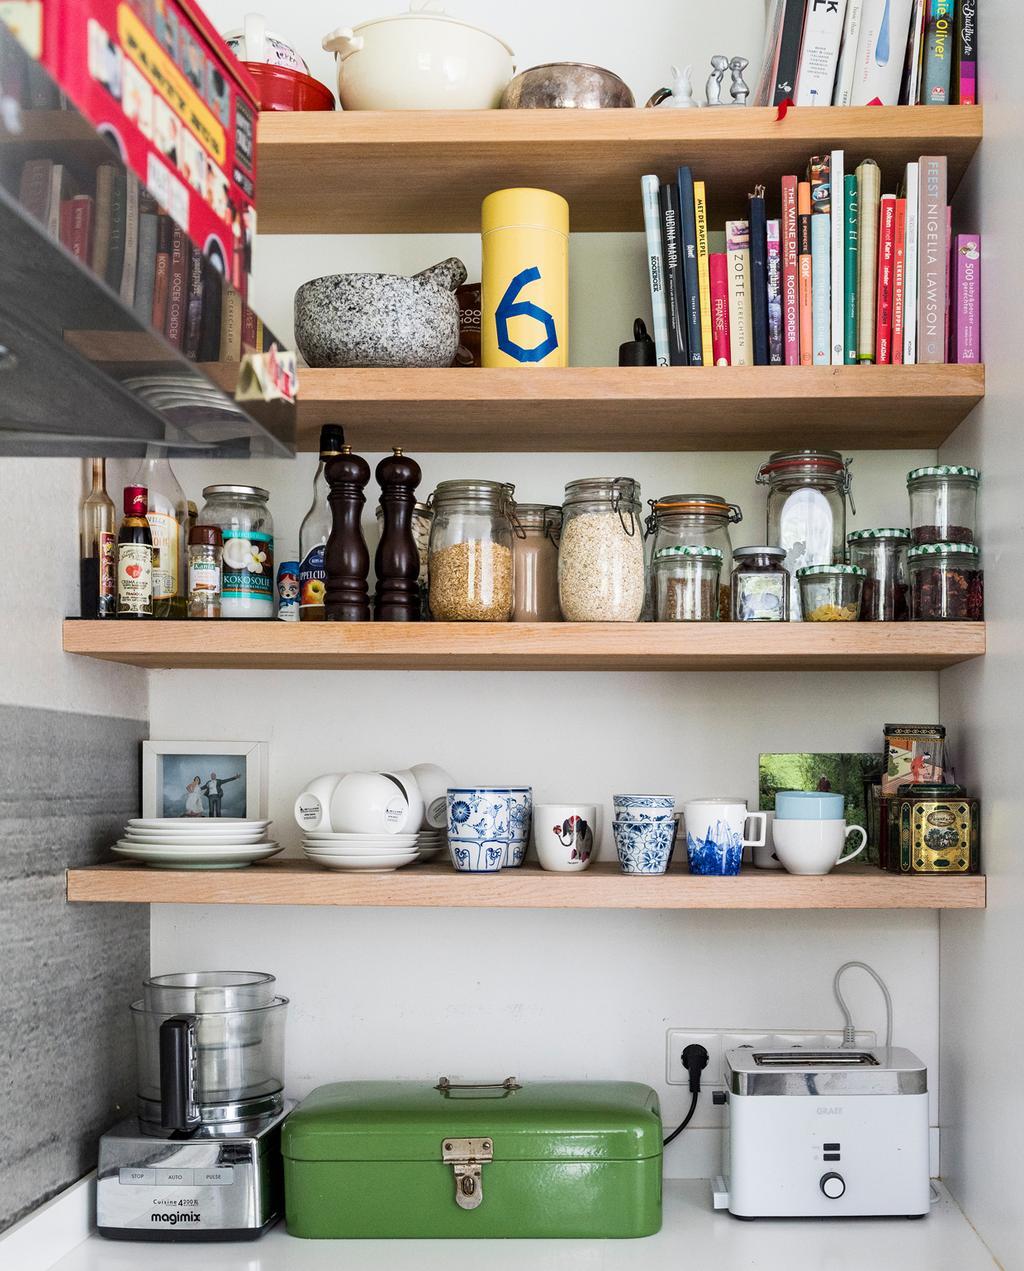 vtwonen binnenkijken special 2019 | keuken planken